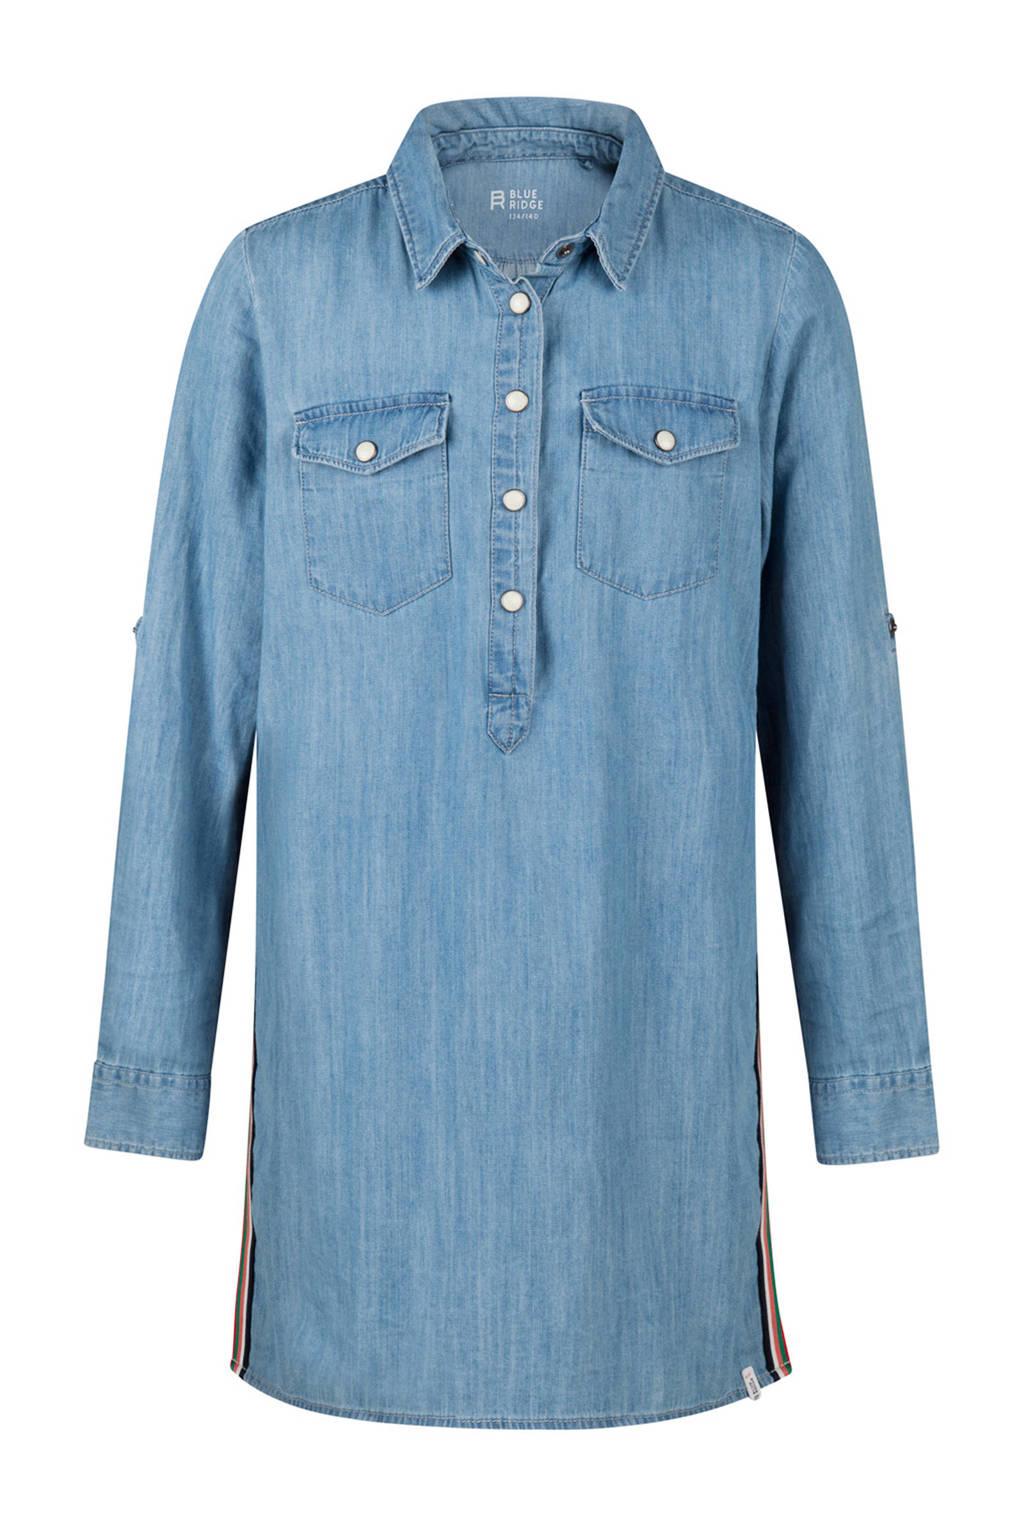 WE Fashion Blue Ridge lange spijkerblouse met zijstreep, Light denim